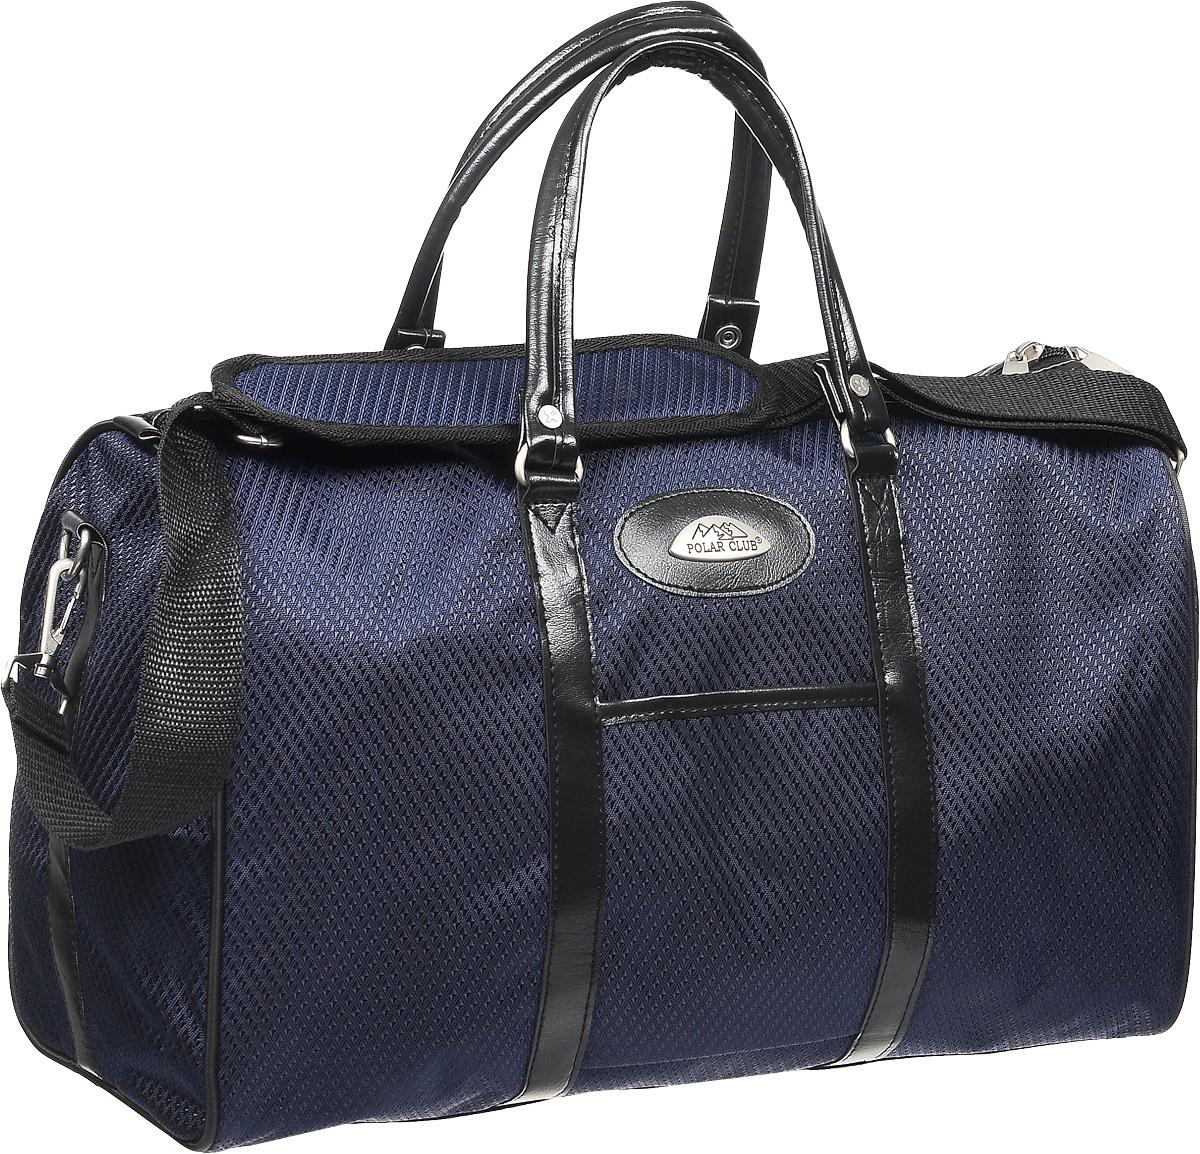 Сумка дорожная Polar, цвет: темно-синий, черный, 18,5 л. 6096.26096.2Дорожная сумка Polar выполнена из полиэстера с добавлением нейлона и вставками из экокожы. Сумка имеет одно вместительное отделение, закрывающееся на молнию с двумя бегунками. Внутри один накладной карман для ноутбука или планшета. Снаружи, на лицевой стороне изделия, расположен один накладной карман. Сумка оснащена уплотненным дном с пластиковыми ножками и двумя практичными ручками для переноски. В комплекте к изделию идет съемный плечевой ремень.